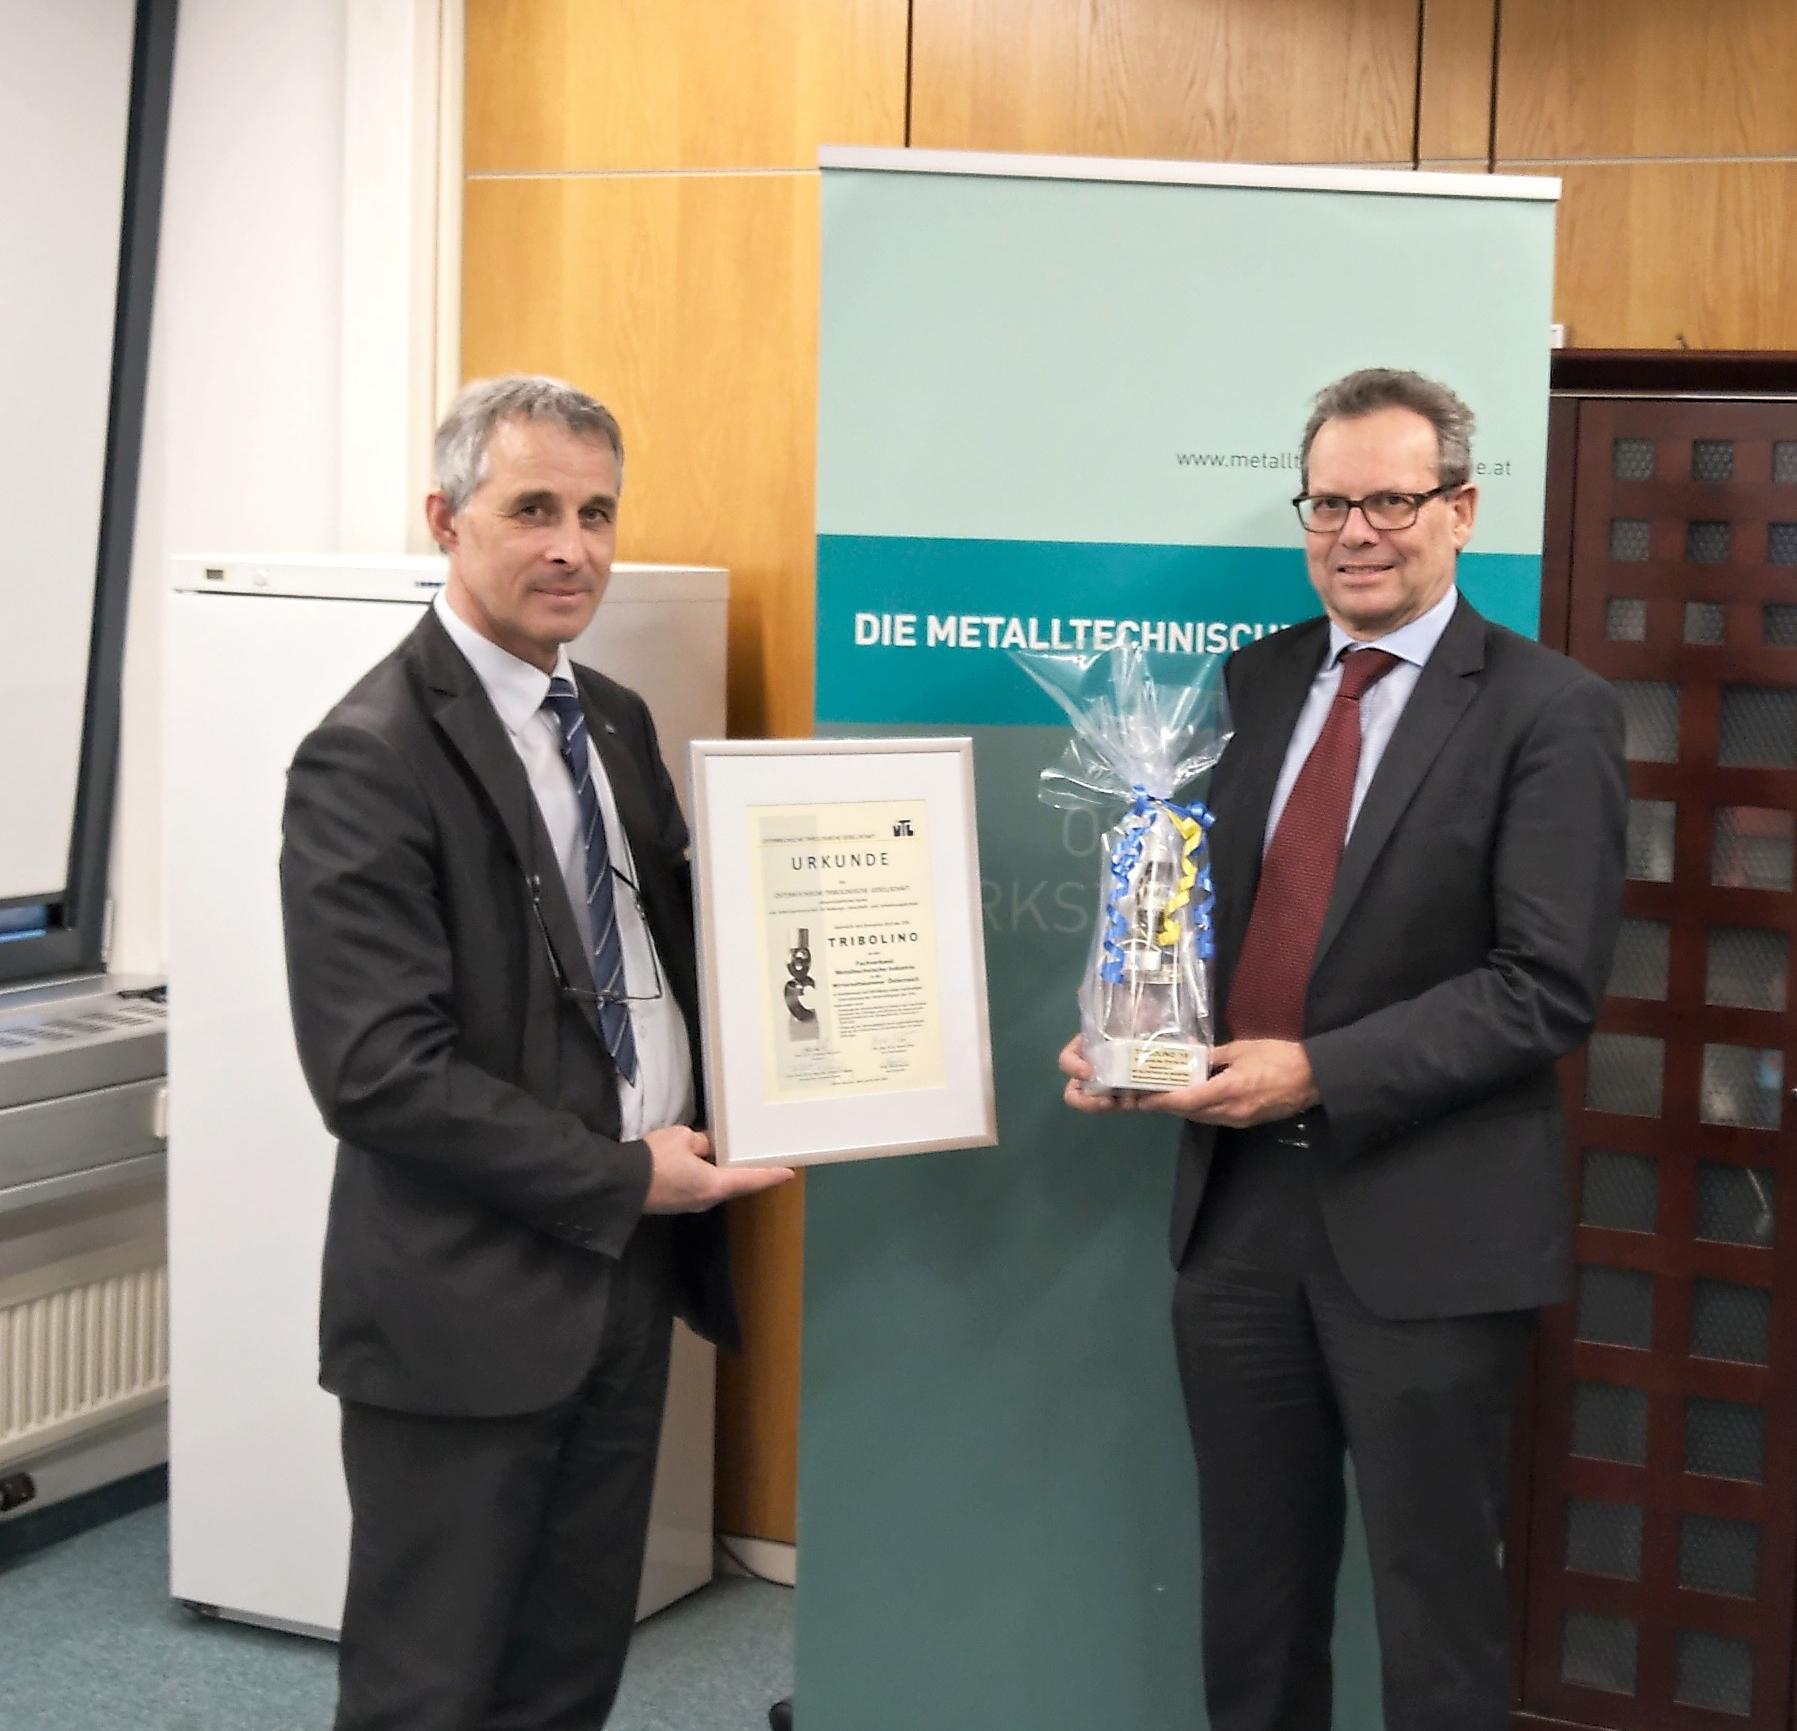 Ehrenpreis der ÖTG – TRIBOLINO 2019 Verliehen an den Fachverband Metalltechnische Industrie